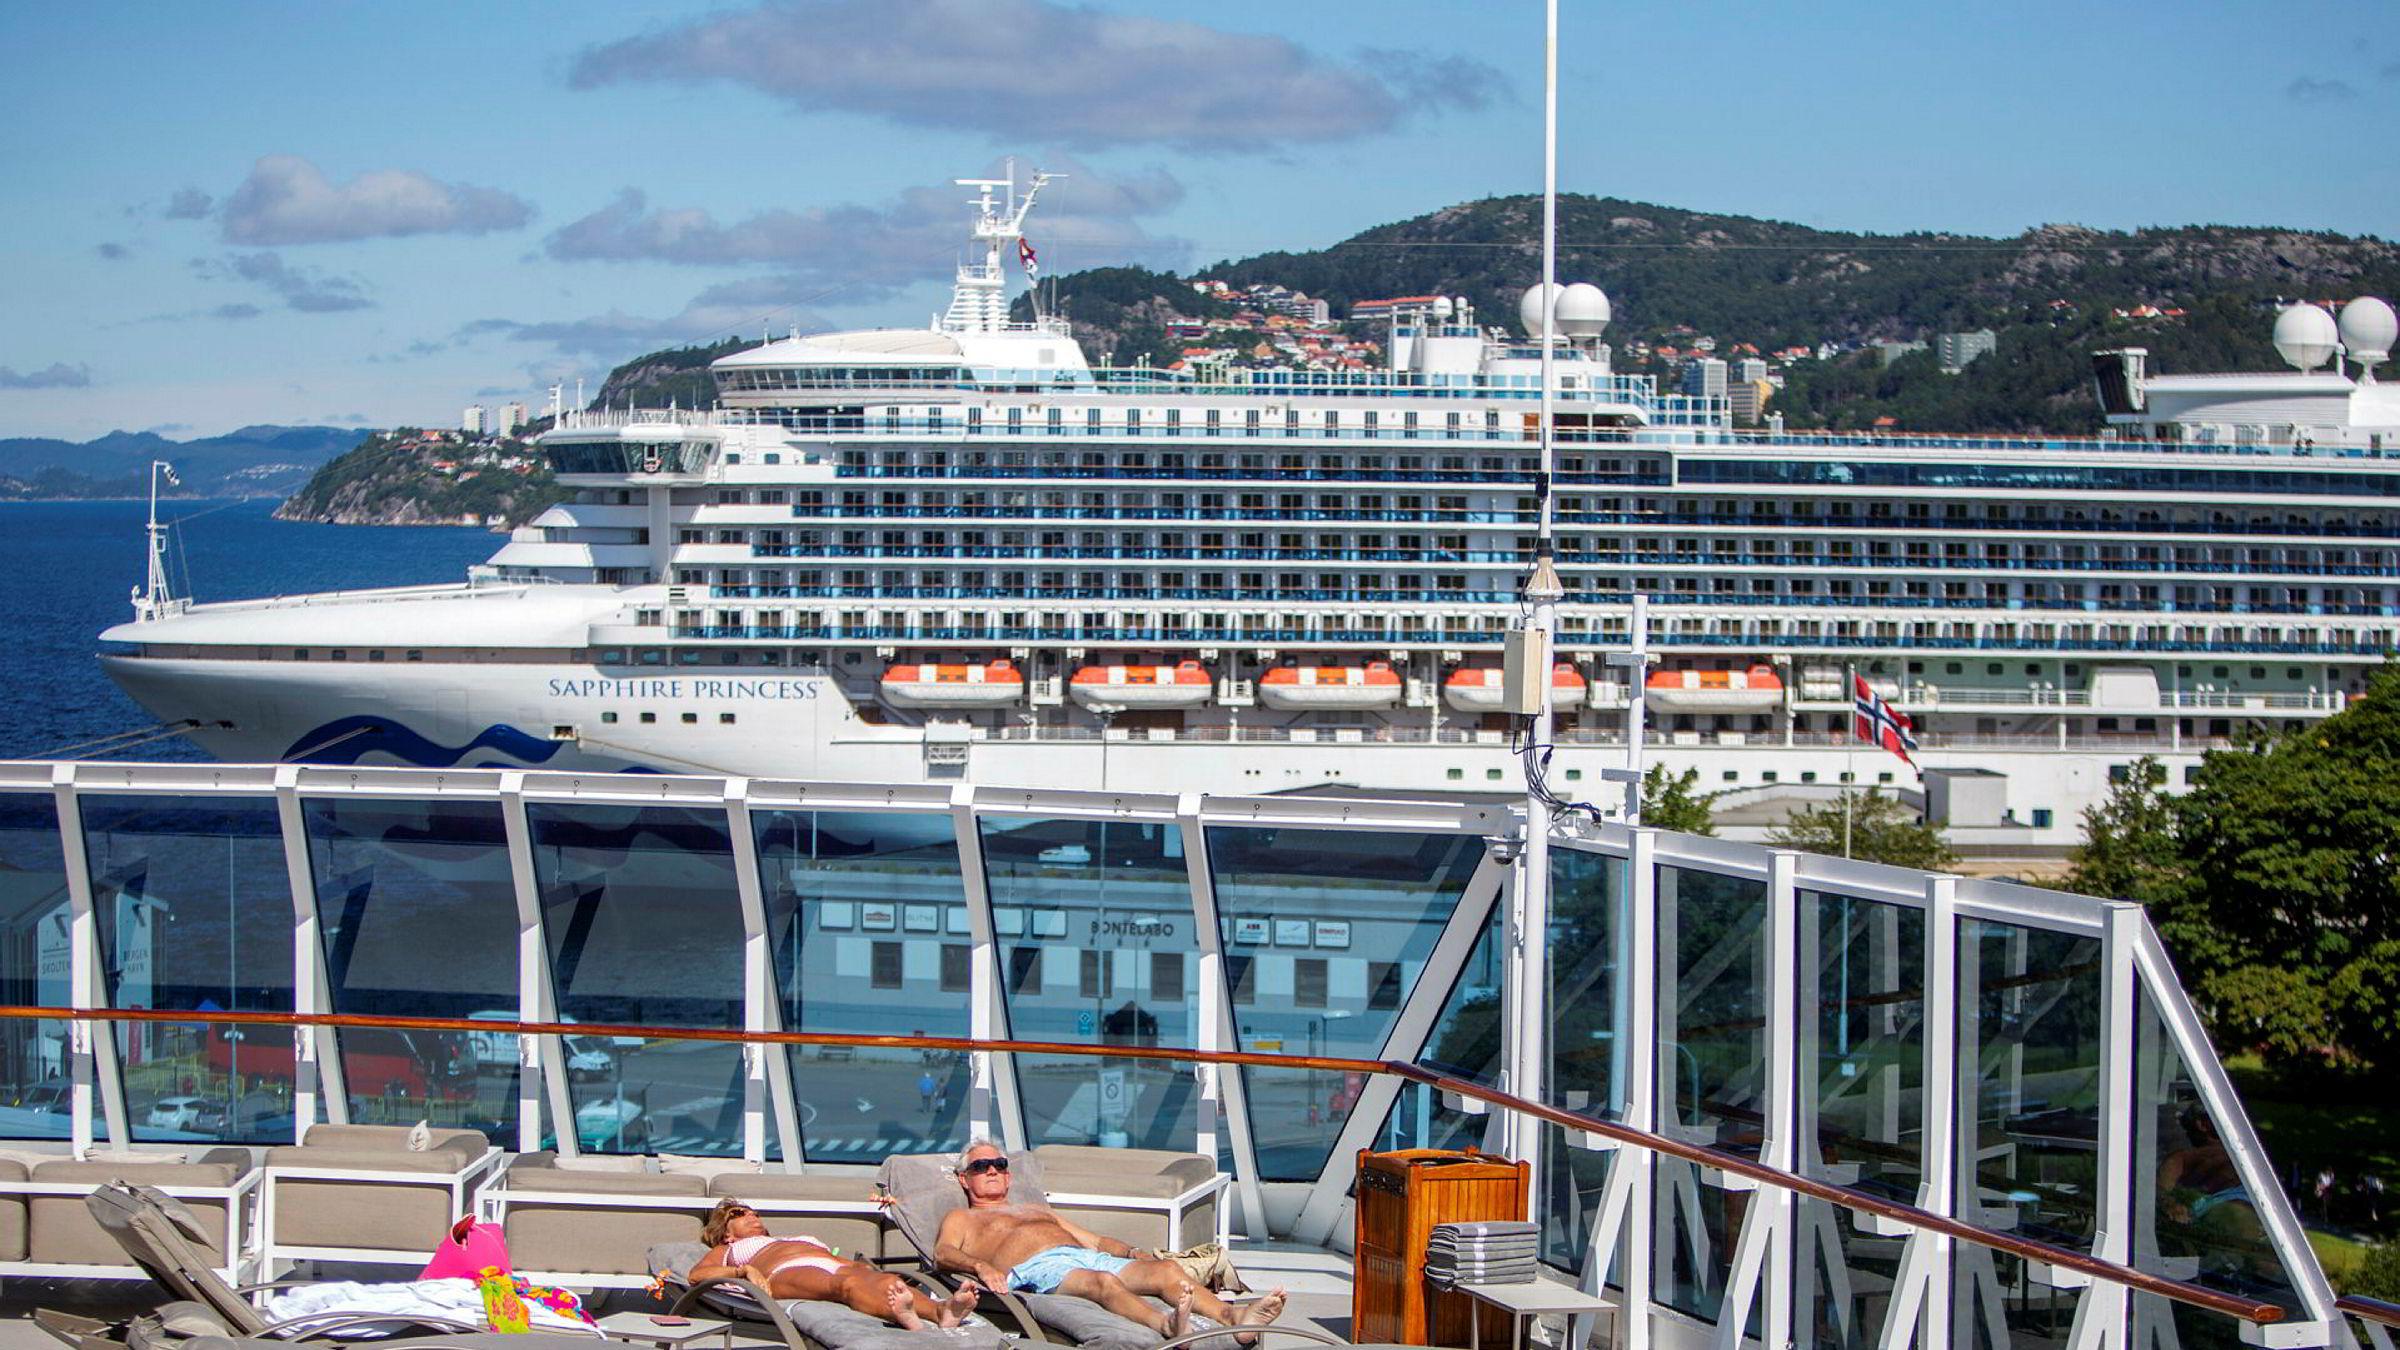 – Cruiseskipene forurenser så mye at vi er nødt til å redusere antall anløp, mener Kristin Krohn Devold i NHO Reiseliv. Hun vil heller satse på mellomeuropeere som bruker mye penger og blir i Norge lenge.